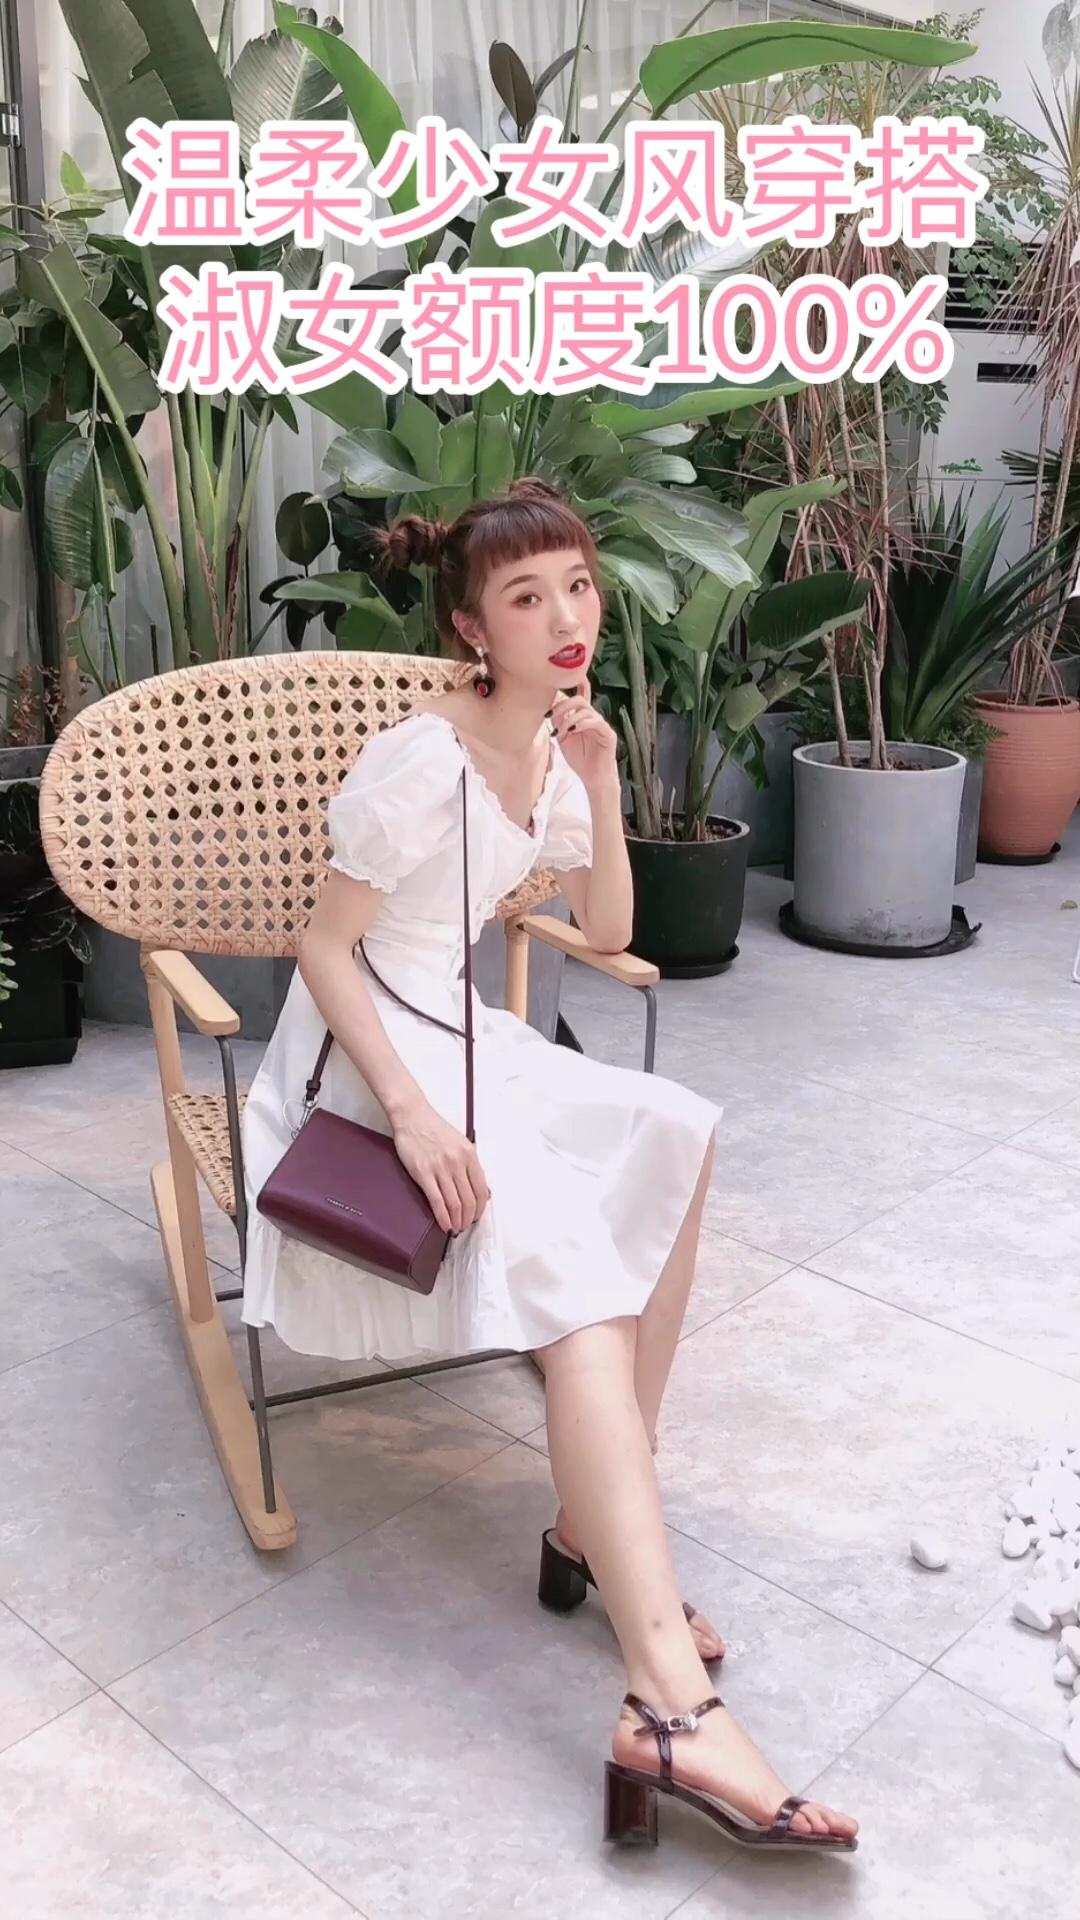 #六月温柔风:今日份淑女额度已满#  白色泡泡袖木耳边连衣裙,是初恋般清新温柔的感觉。穿上就让人忍不住捂嘴轻声笑,走路都变得温柔淑女了起来。是约会一定要拥有的单品了,我是整条街最淑女的姑娘。